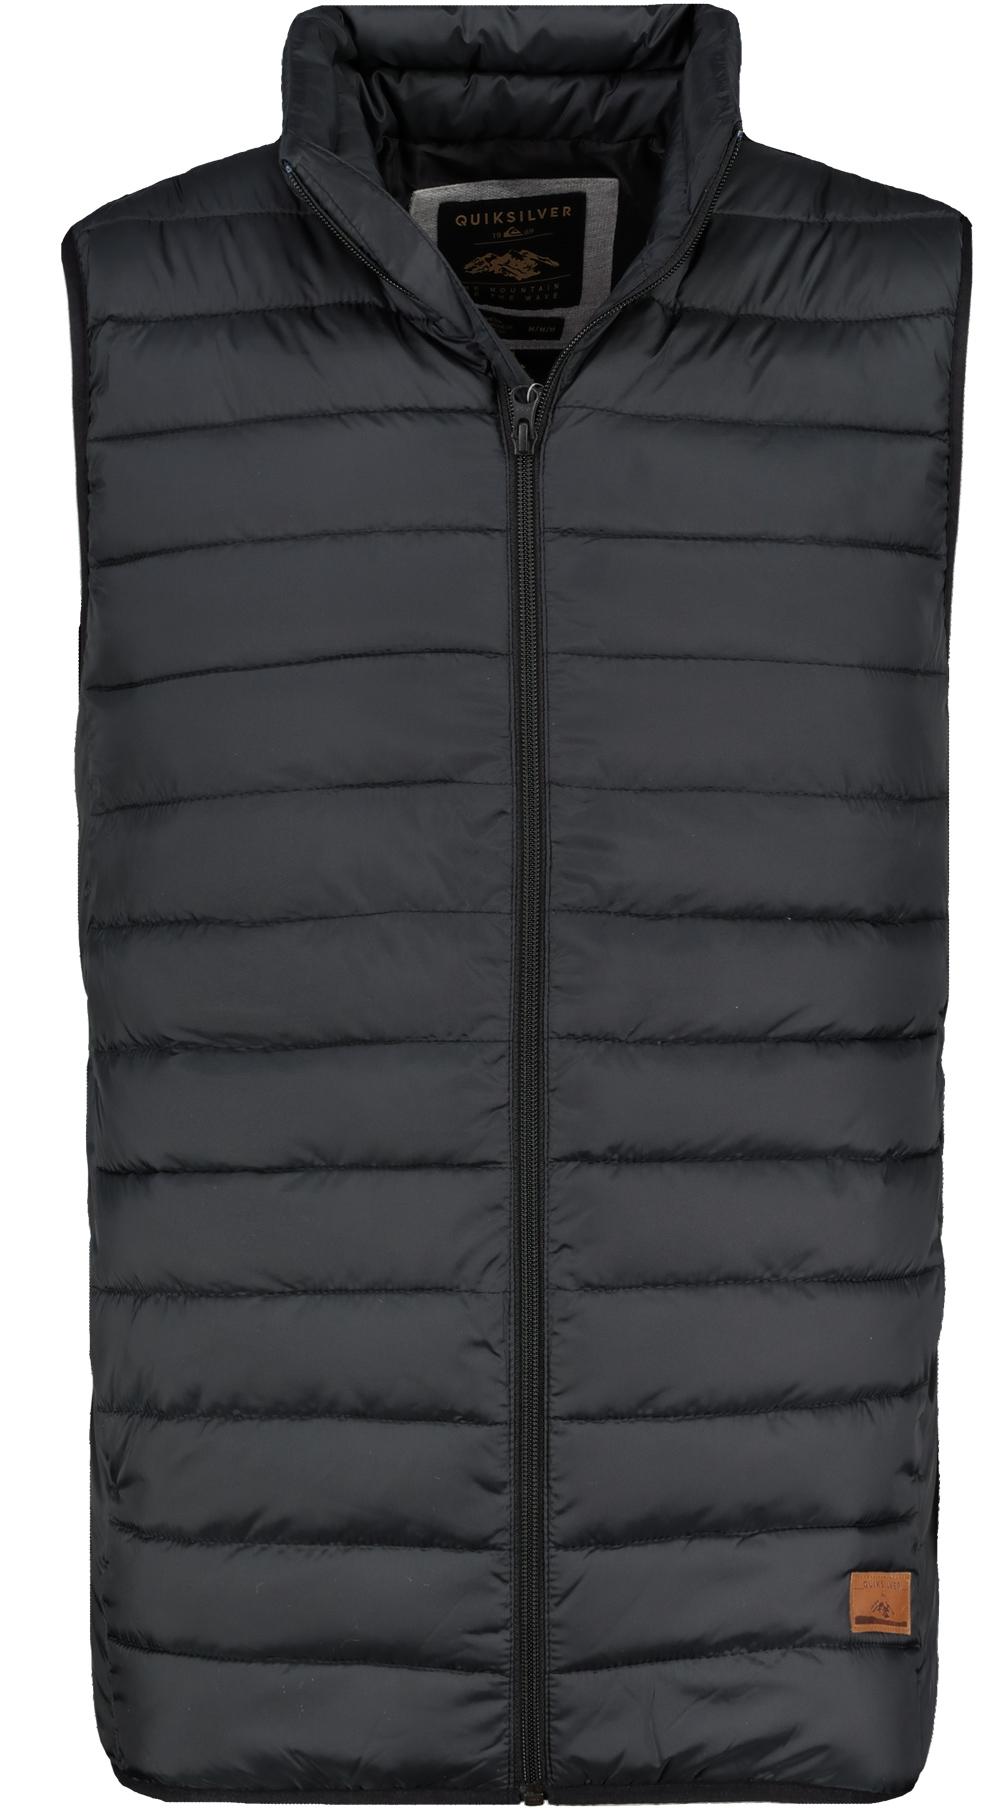 Men's vest QUIKSILVER SCALY SLEEVELESS Track